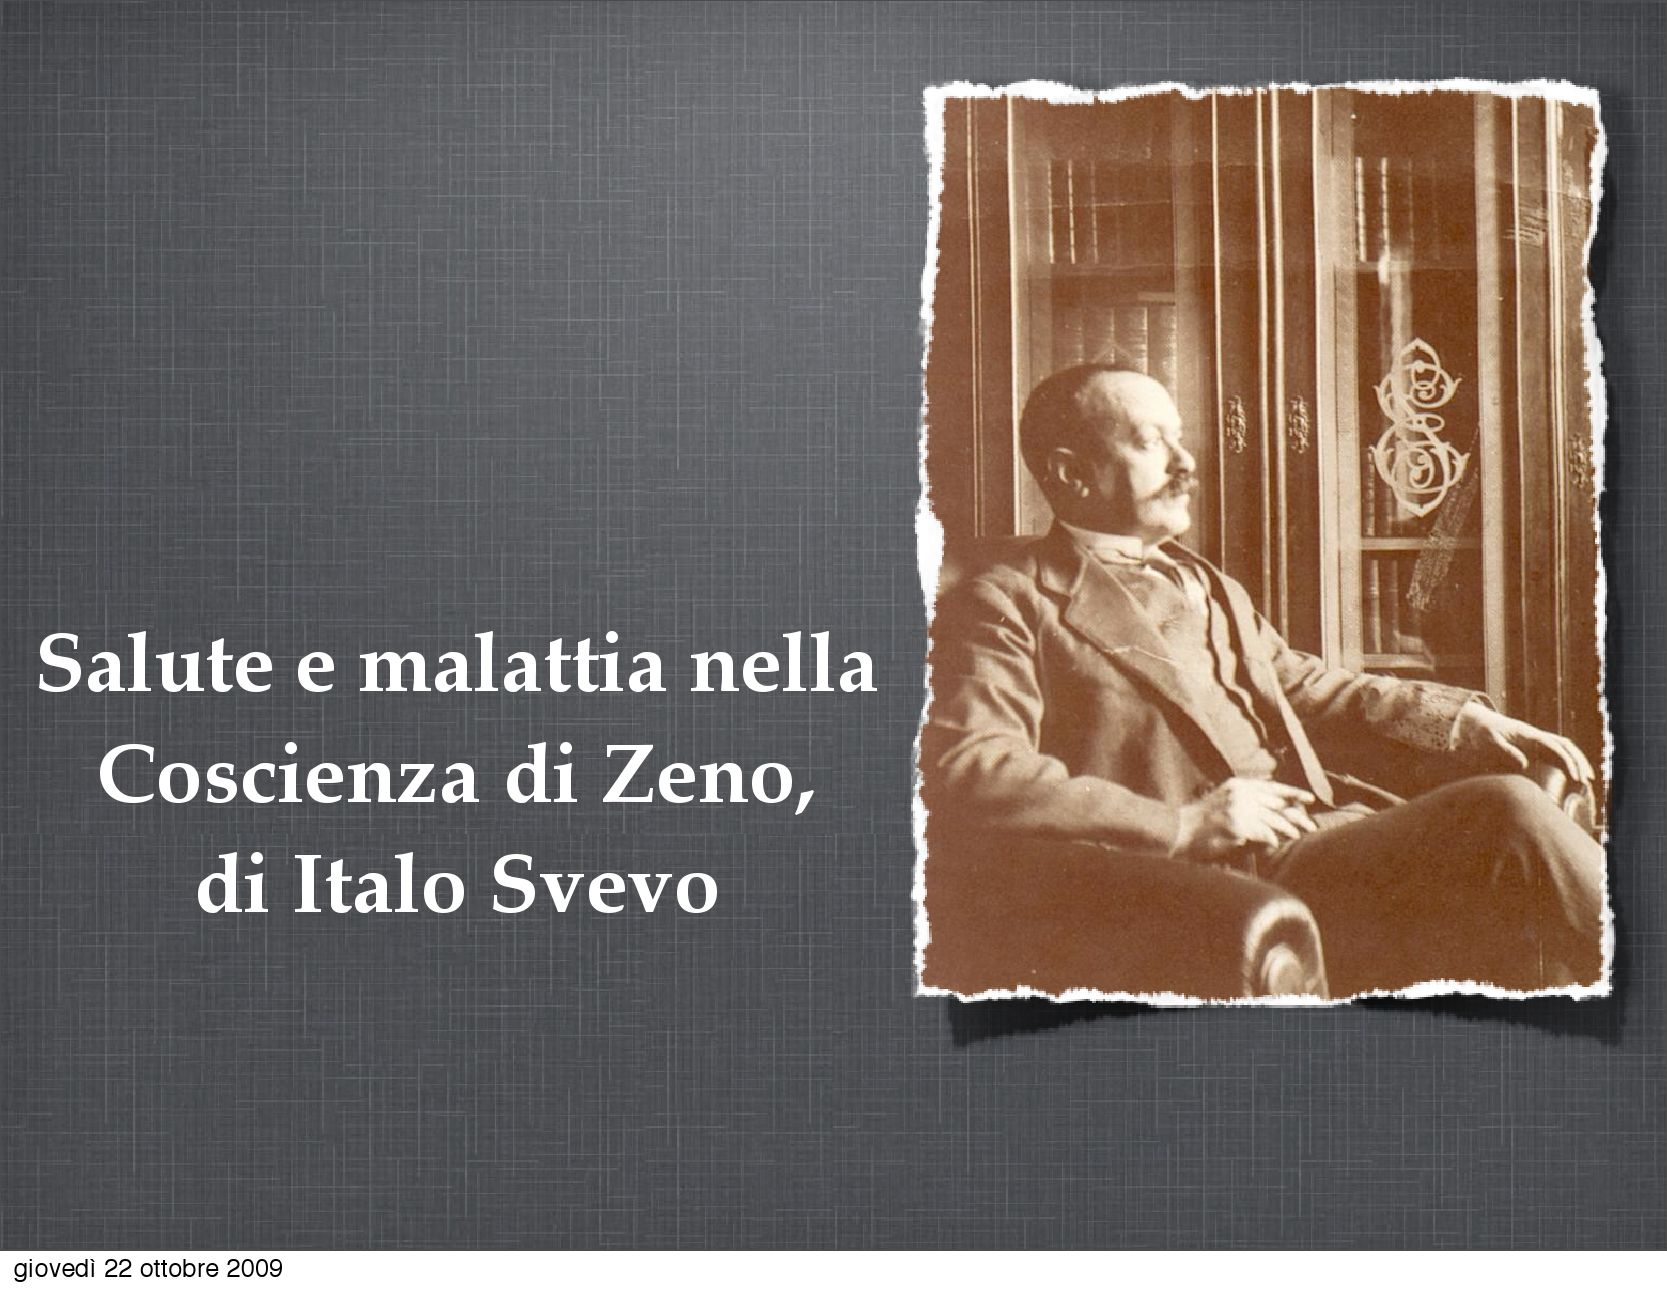 Salute E Malattia Nella Coscienza Di Zeno Di Italo Svevo By Luca